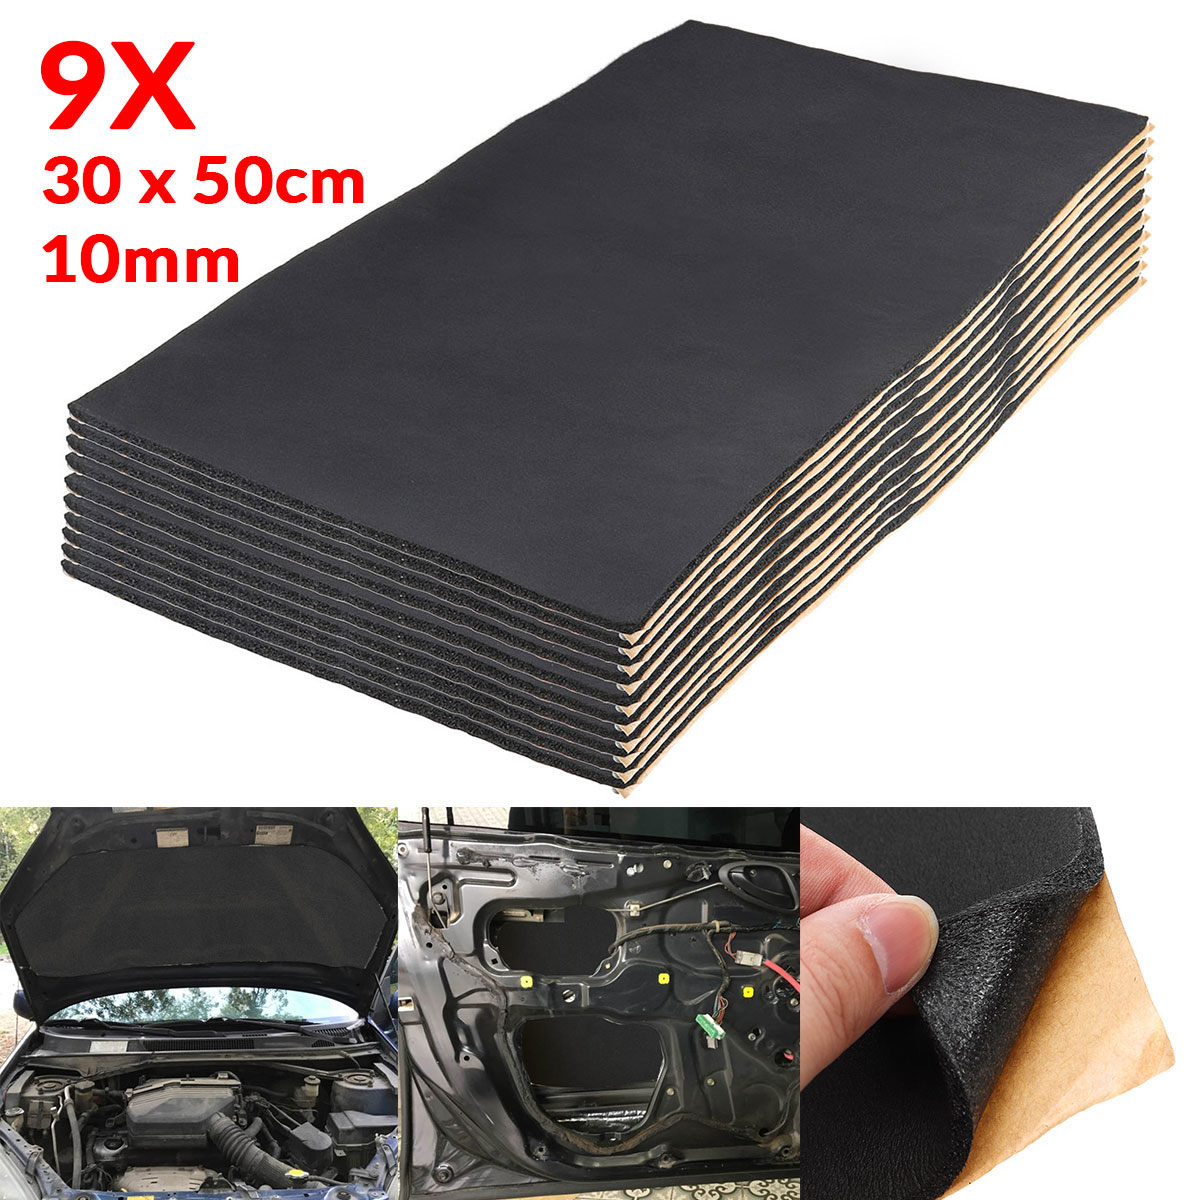 9X 1cm 0.6cm Car Sound Hot Deadener Mat Noise Proof Bonnet Insulation Deadening Engine Firewall Heat Foam Cotton Sticker 30x50cm